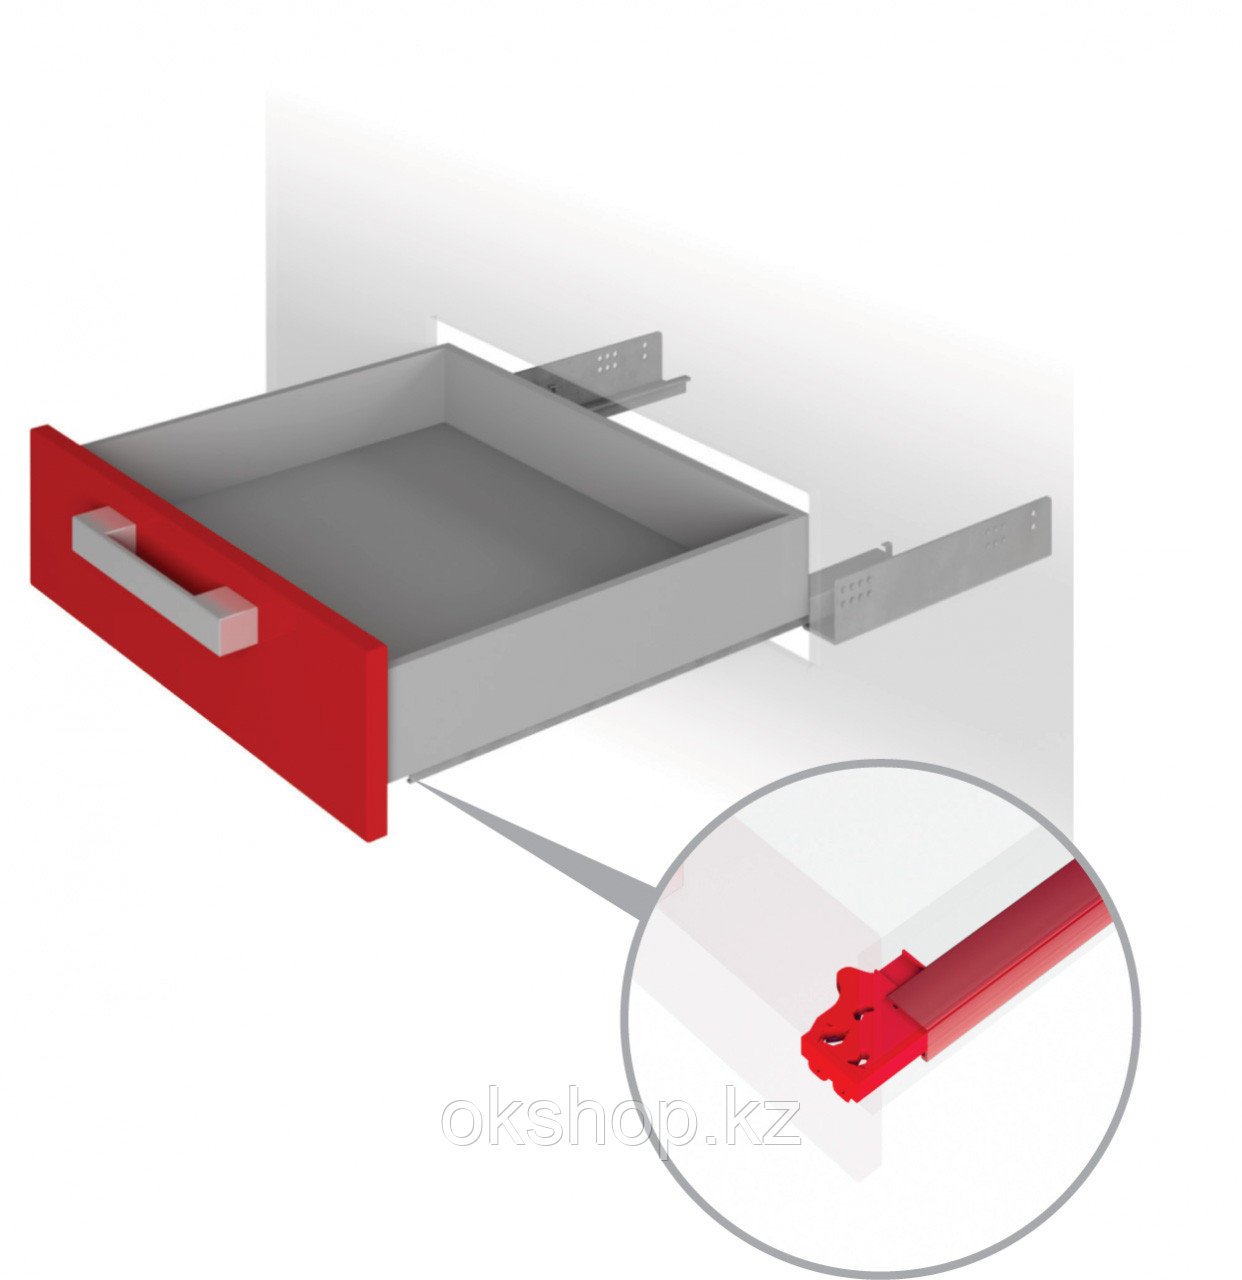 Направляющие механизмы скрытого монтажа DB4461Zn/500